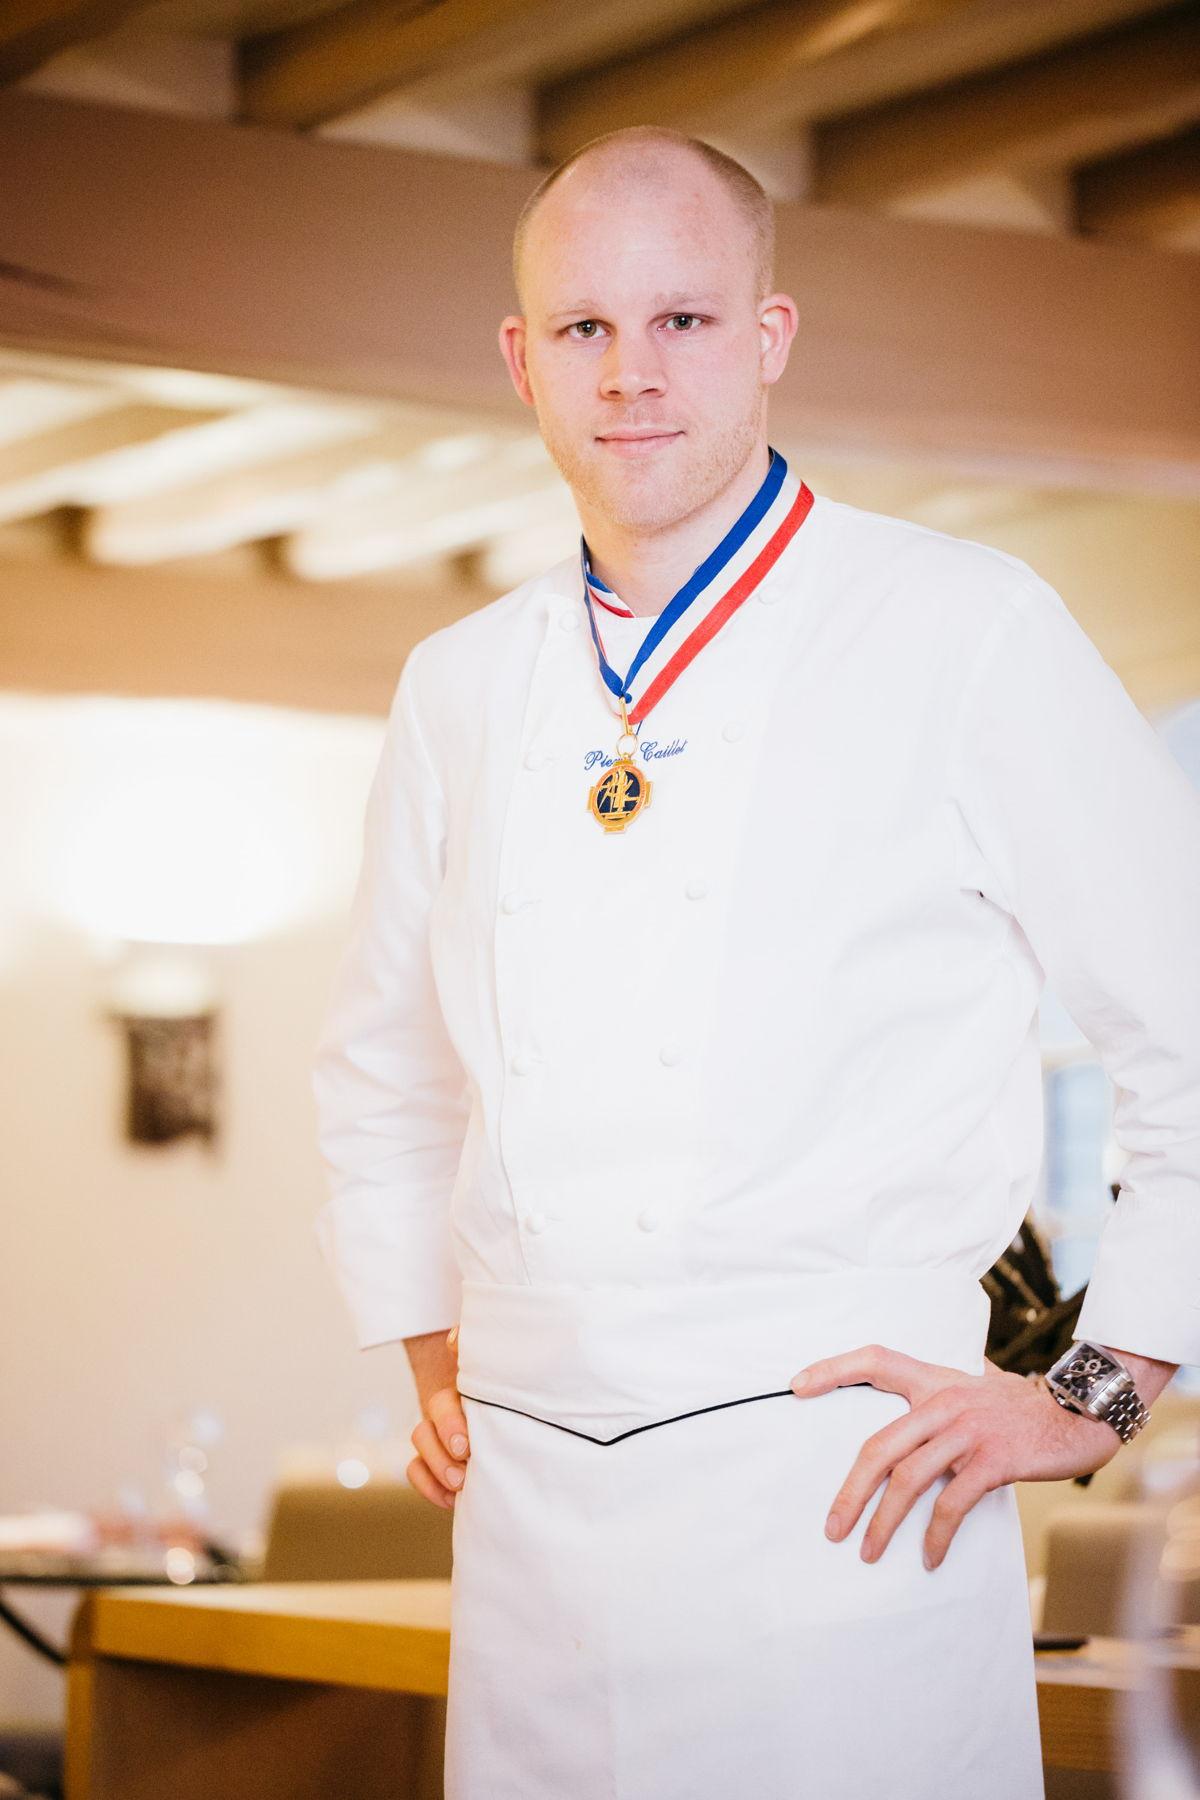 Pierre Caillet, Restaurant Pierre Caillet et Hôtel Le Bec au Cauchois